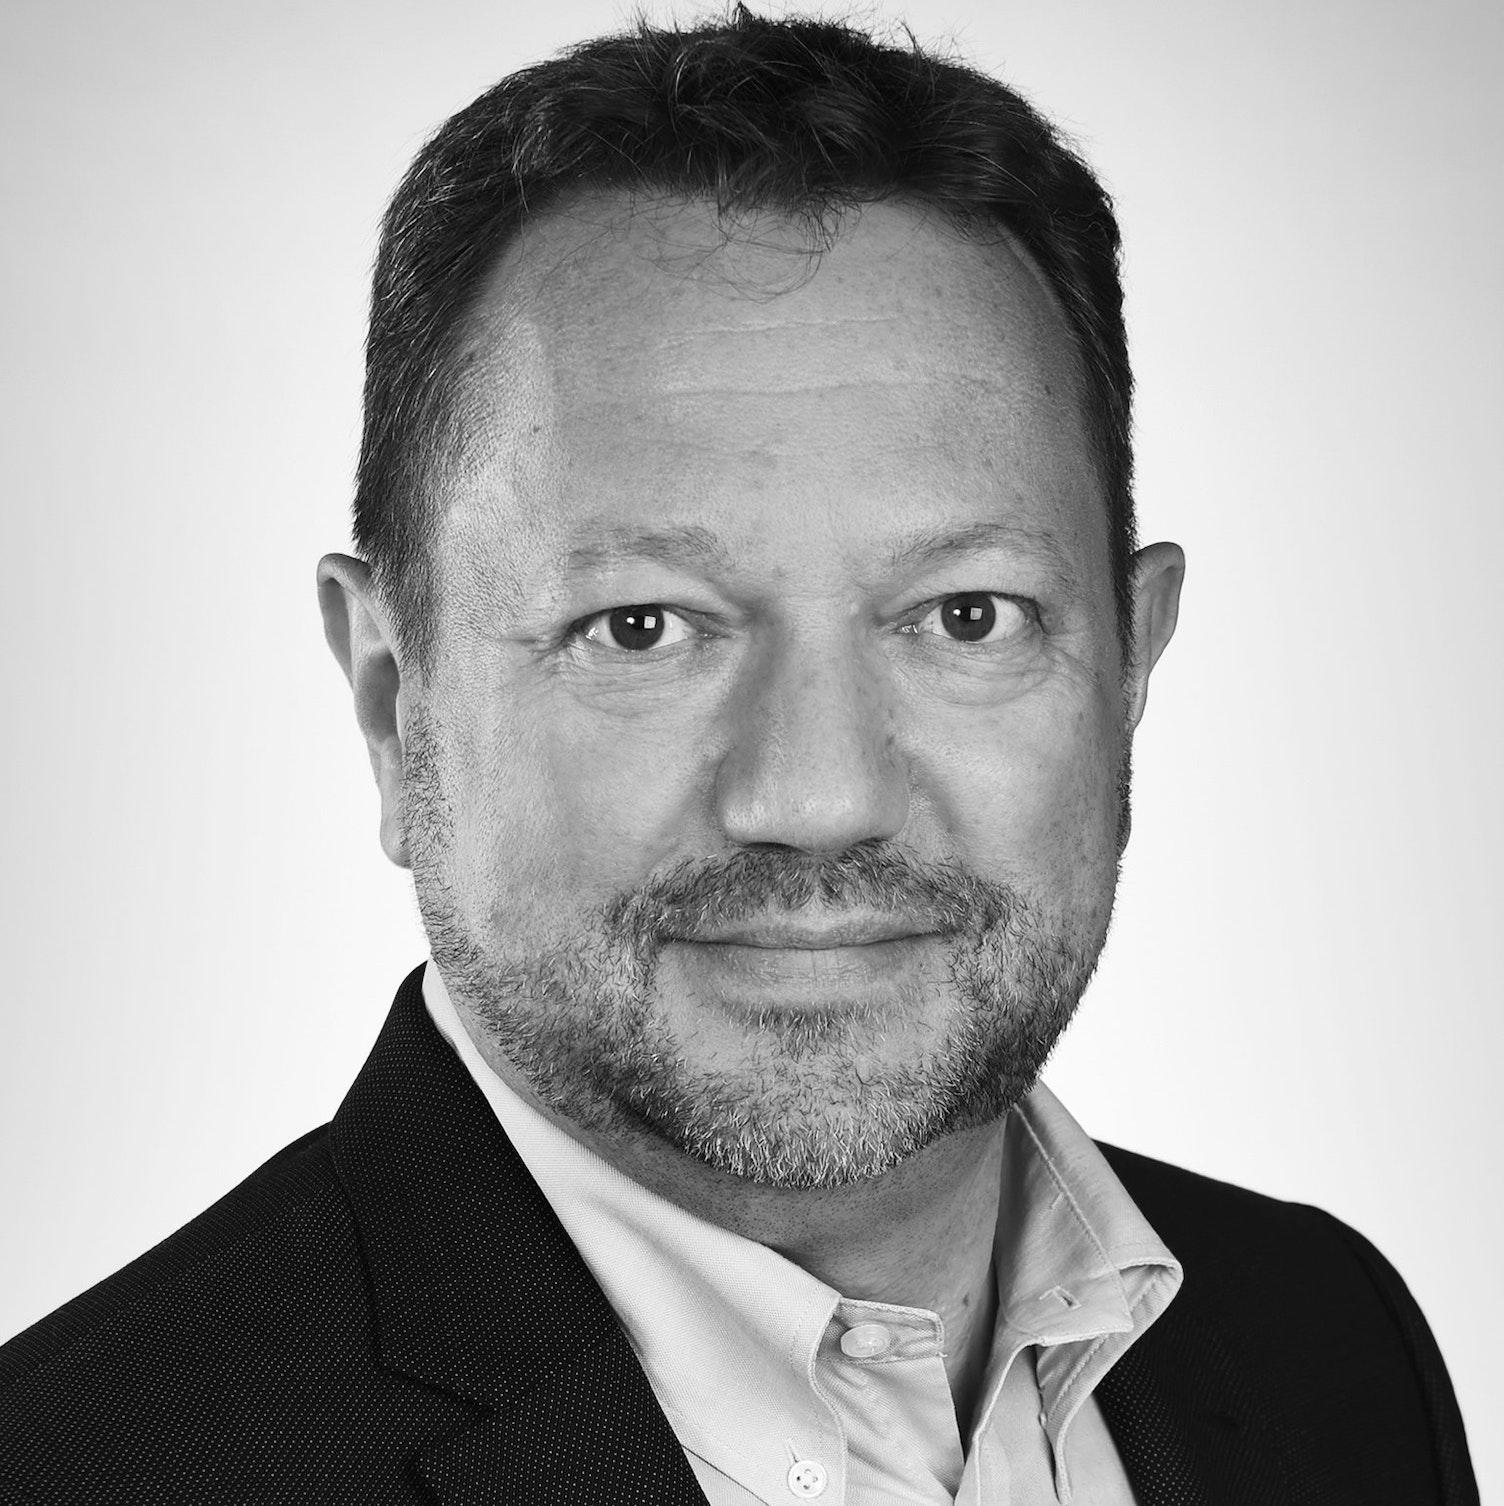 Stefan Hernandez